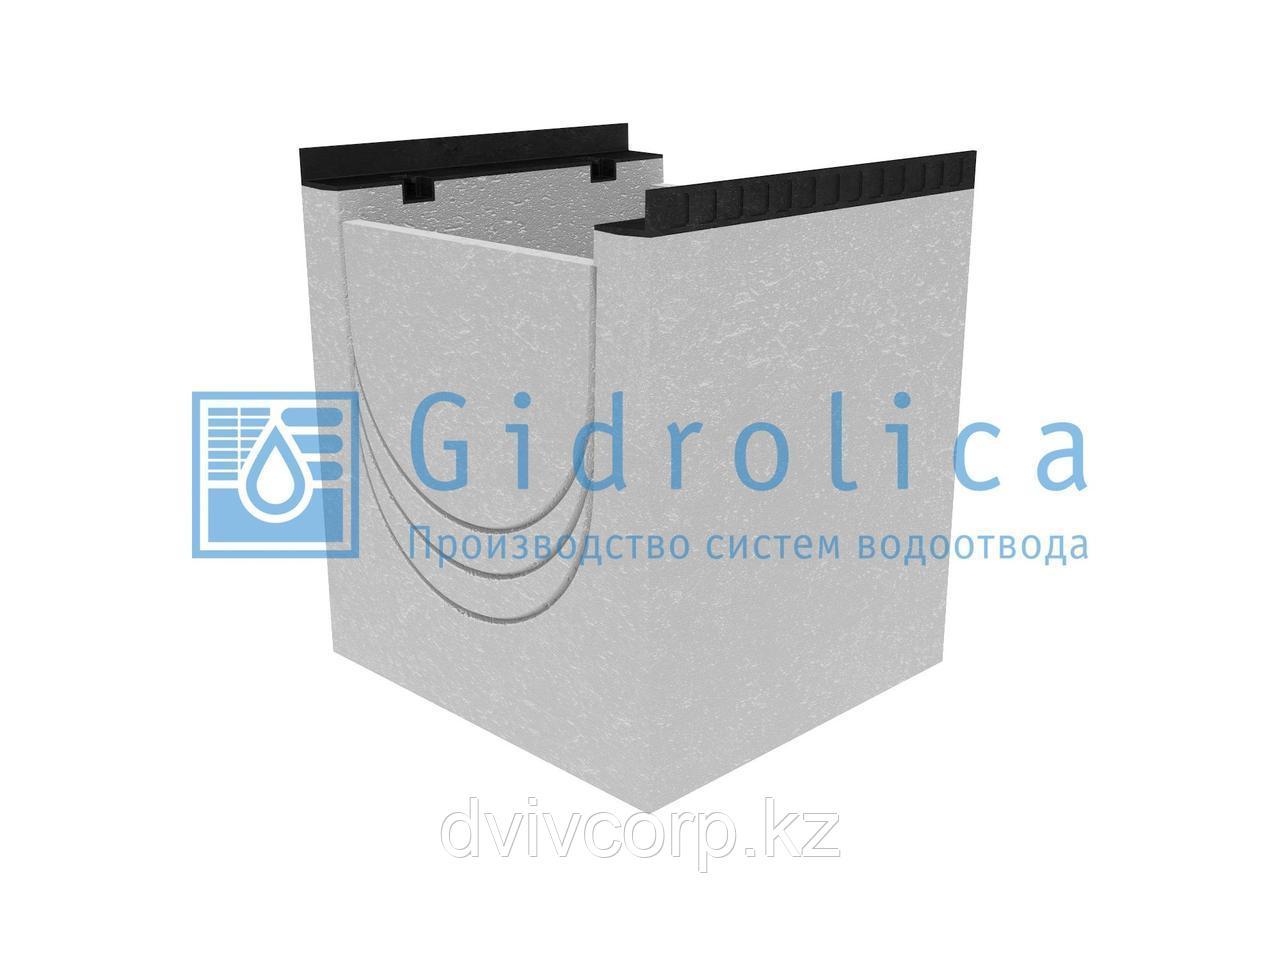 Пескоулавливающий колодец бетонный  (СО-400мм), верхняя часть с чугунной насадкой ПКП 50.54(40). 60 - BGM